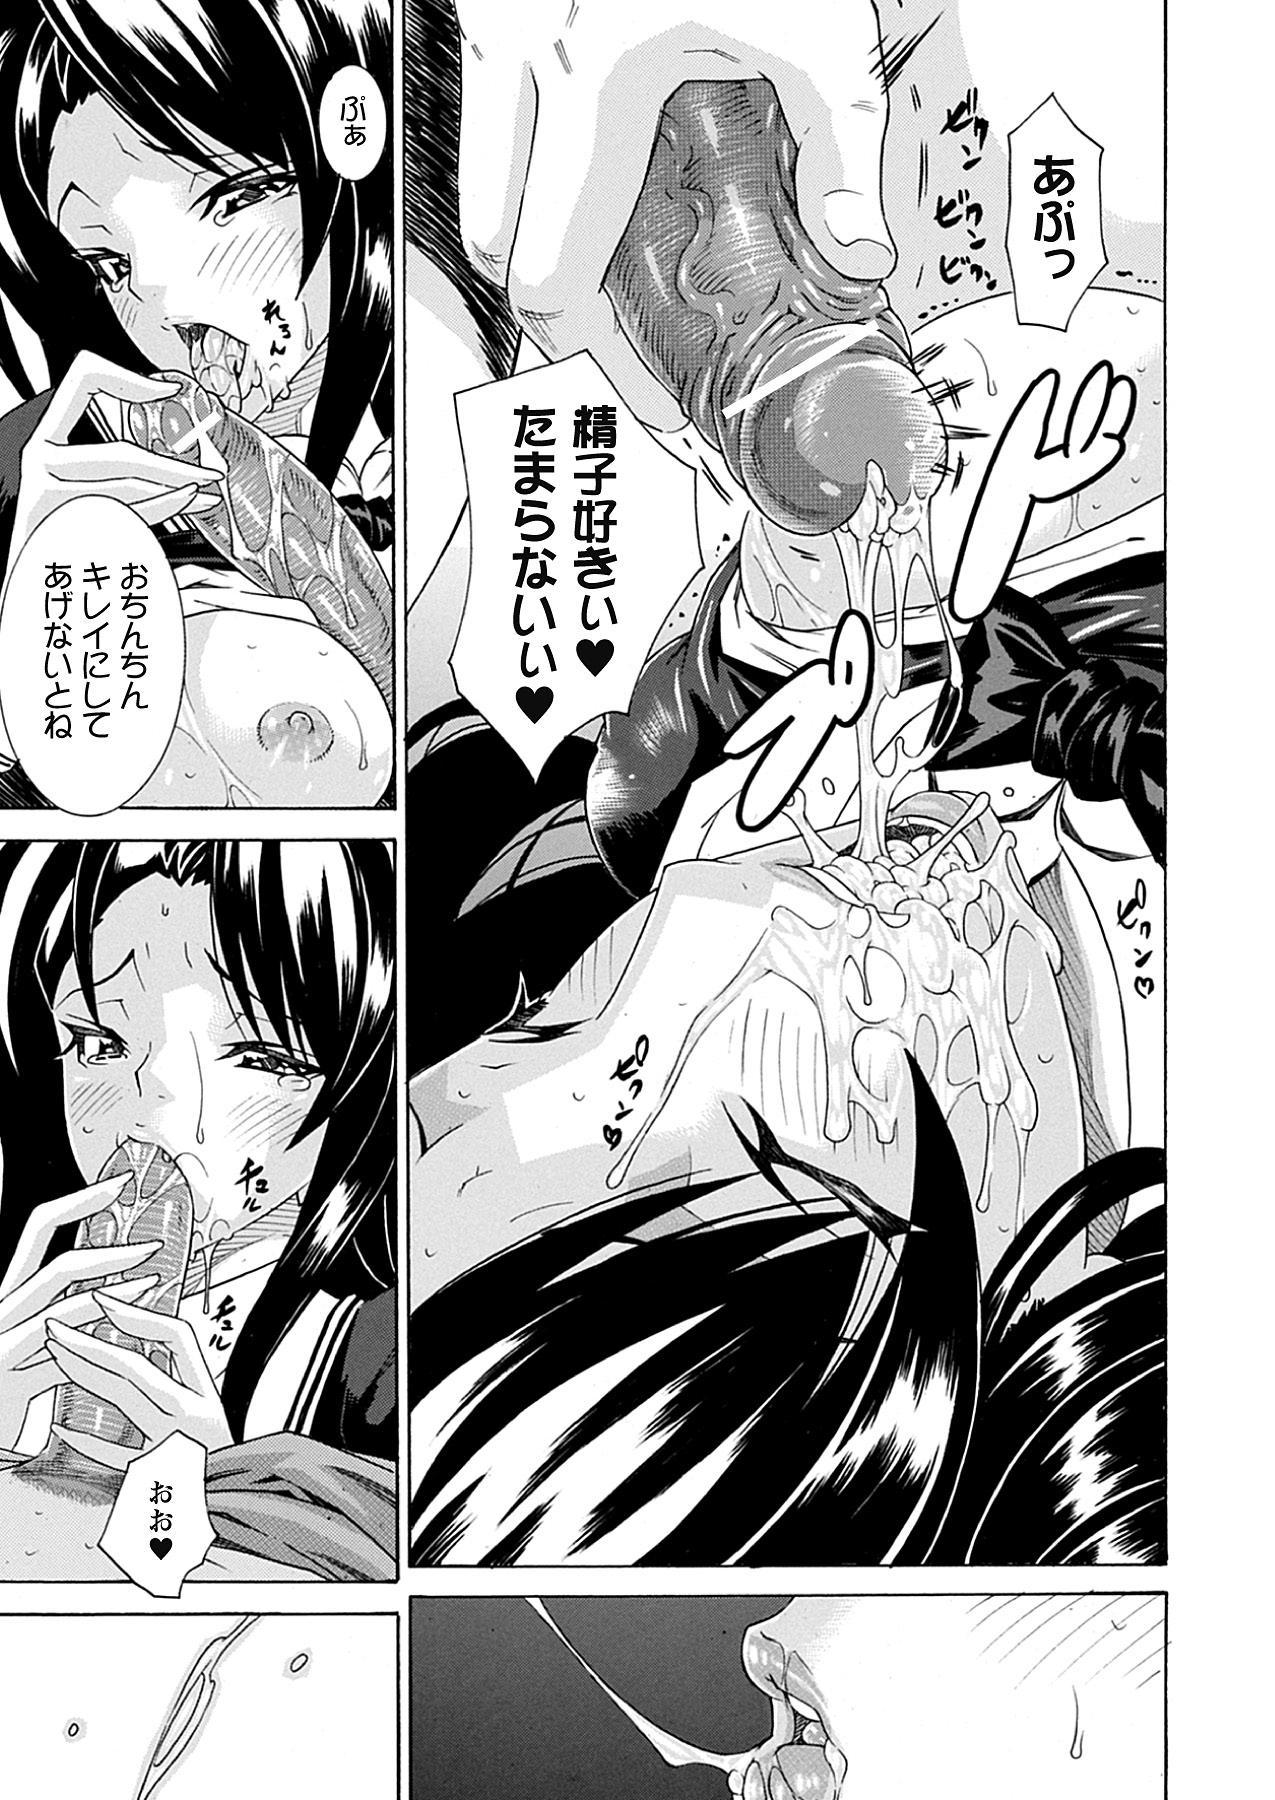 Seiin Shoujo 156